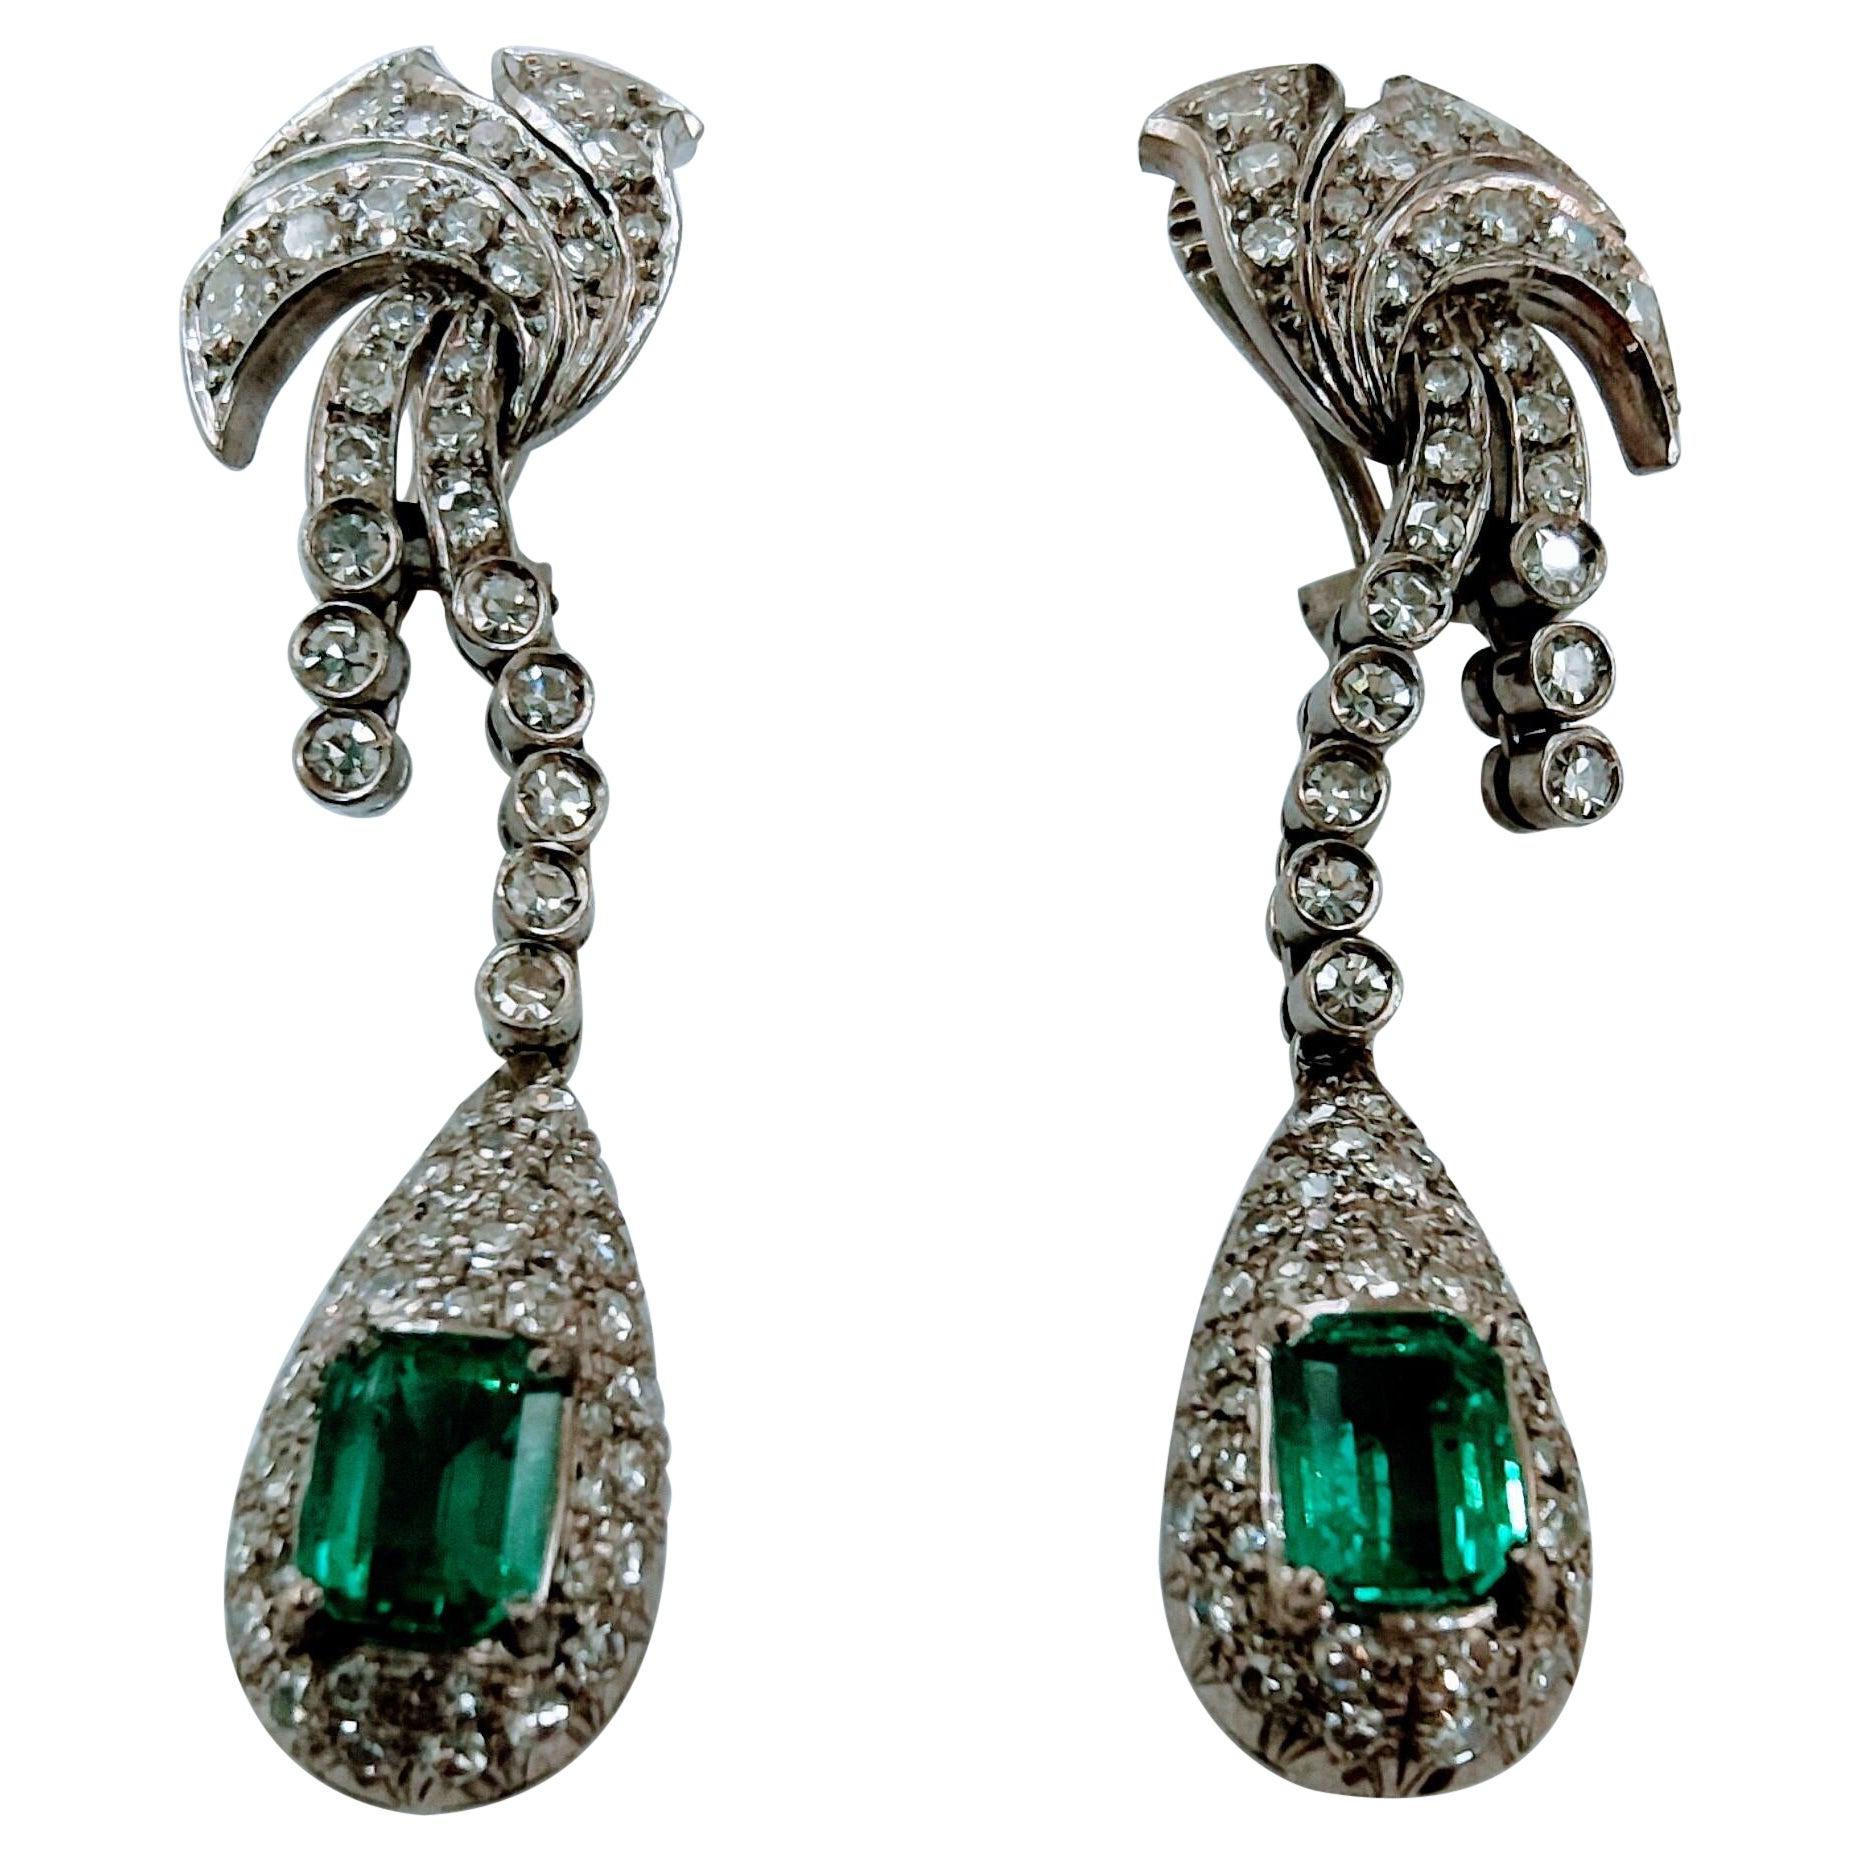 Antique Earrings Art-Deco White Gold 18kt Emerald Colombian Diamond Single Cut